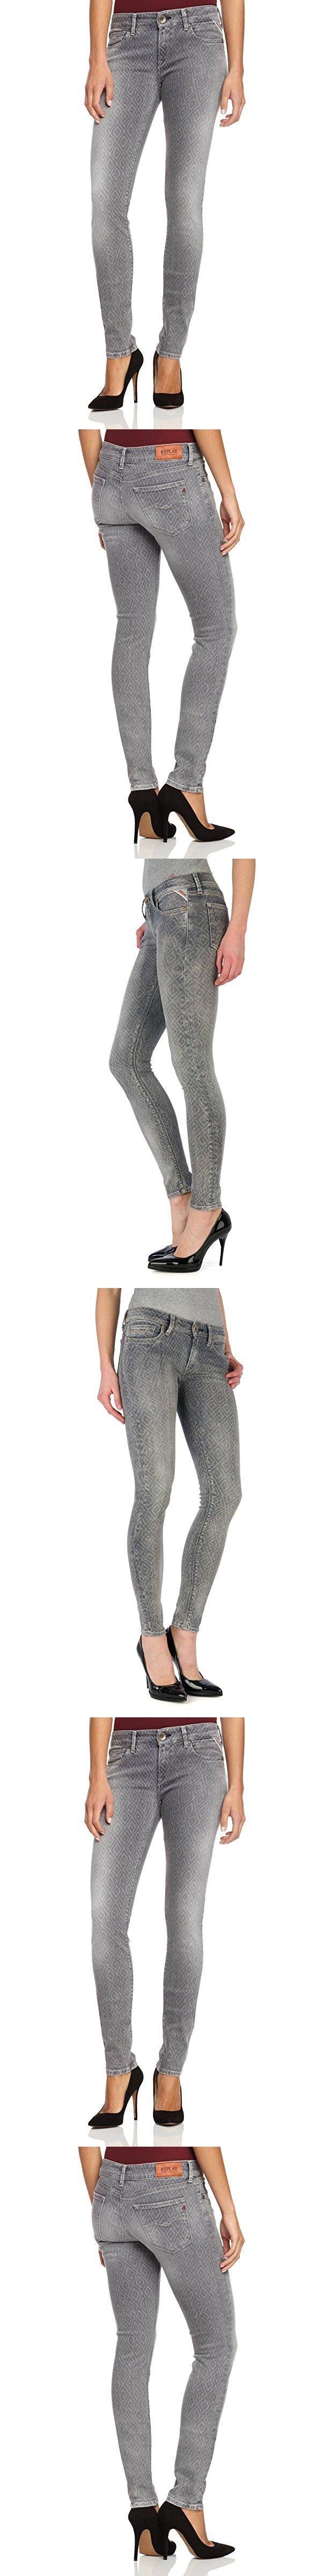 Replay Damen Skinny Jeans Luz WX689 Diese Röhre von Replay sollte in keinem gut sortierten Kleiderschrank fehlen. Die hautenge Jeans passt sich dank des Stretch-Anteils und ihrer robusten Qualität perfekt an die Haut an. Mit engem Print-Shirt oder Longbluse, High Heels und interessanten Accessoires gelingen sexy Outfits wie von selbst. Die Luz von Replay ist ein Must-Have für jede moderne Frau.. Qualitativ hochwertig verarbeitet. Niedriger Bund. Verschluss: Reißverschluss.